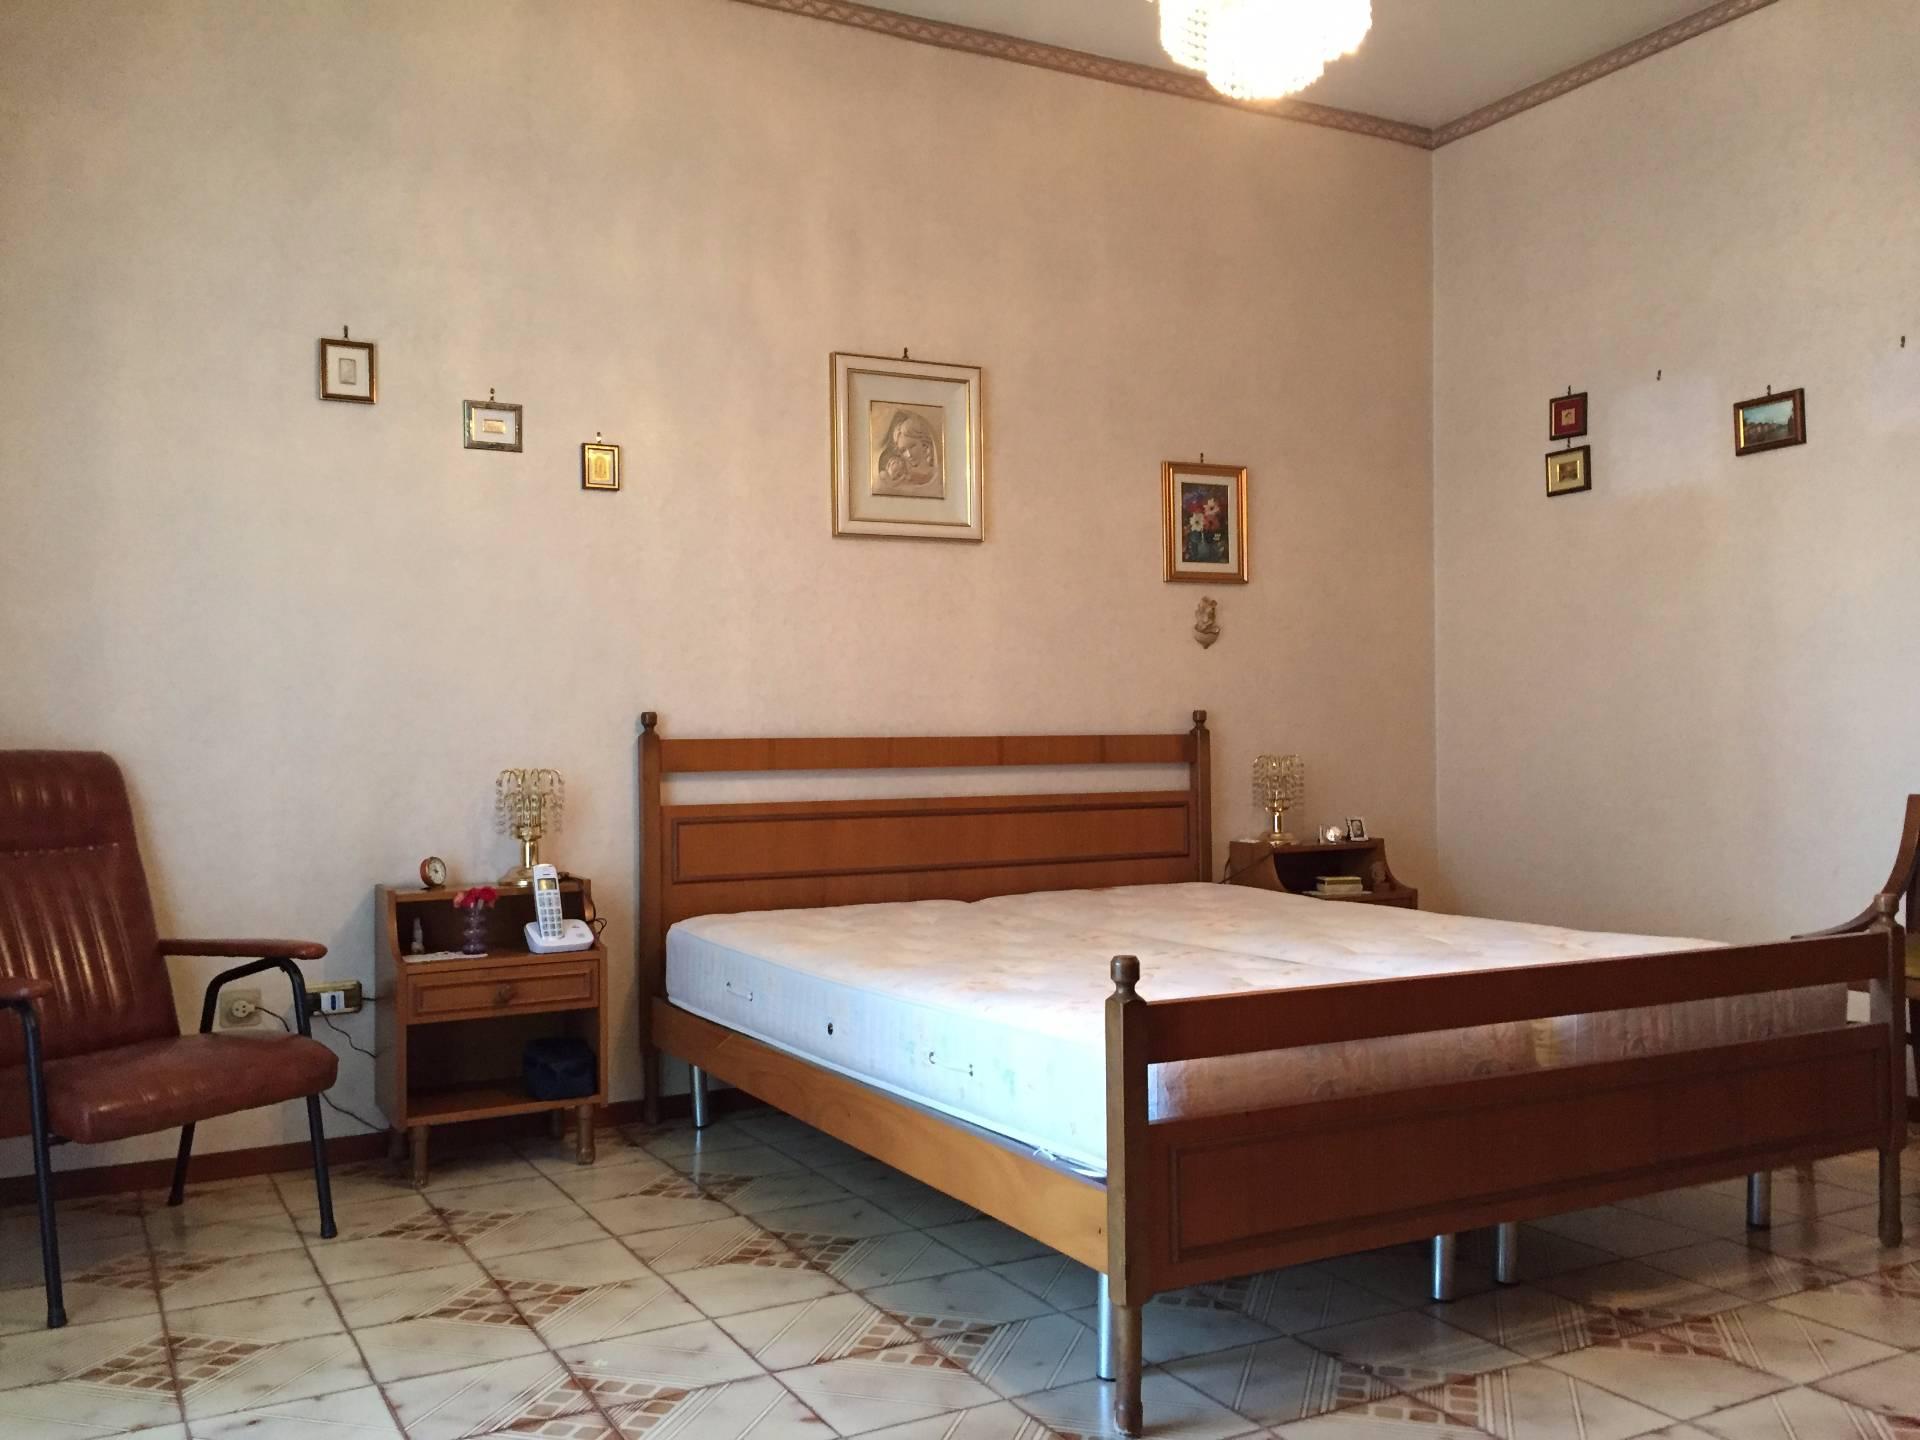 Bilocale Palermo Via Carlo Goldoni 10